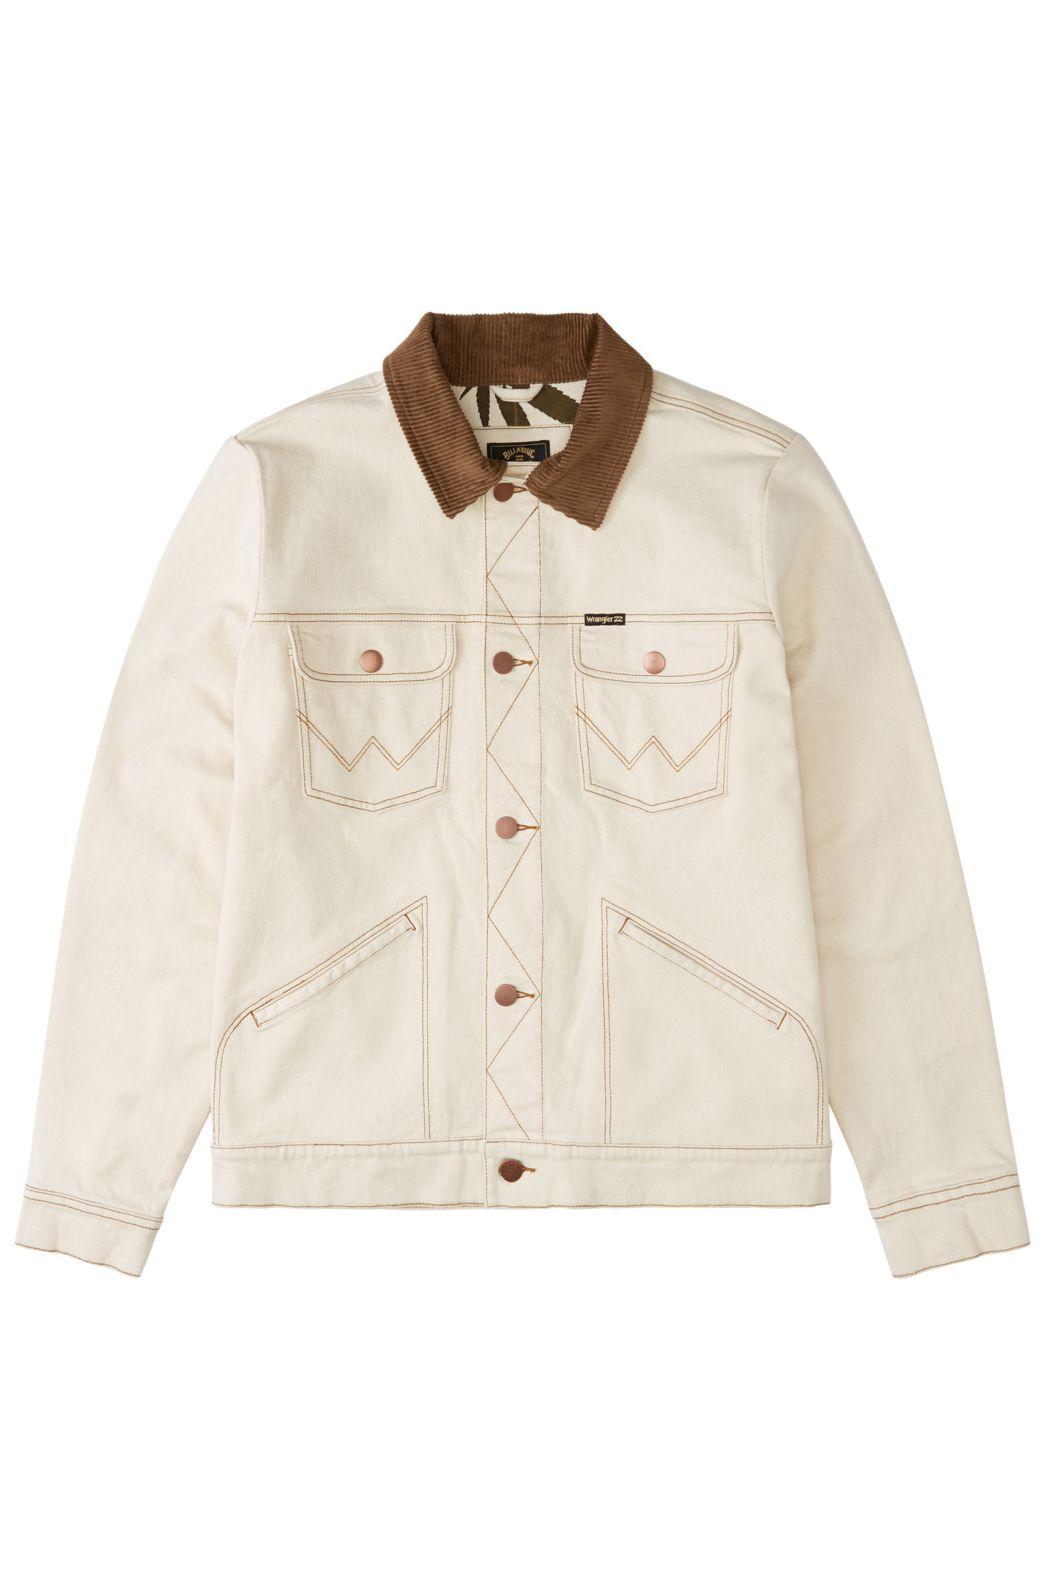 Billabong Jacket TEAM RANCH JACKET WRANGLER. Natural